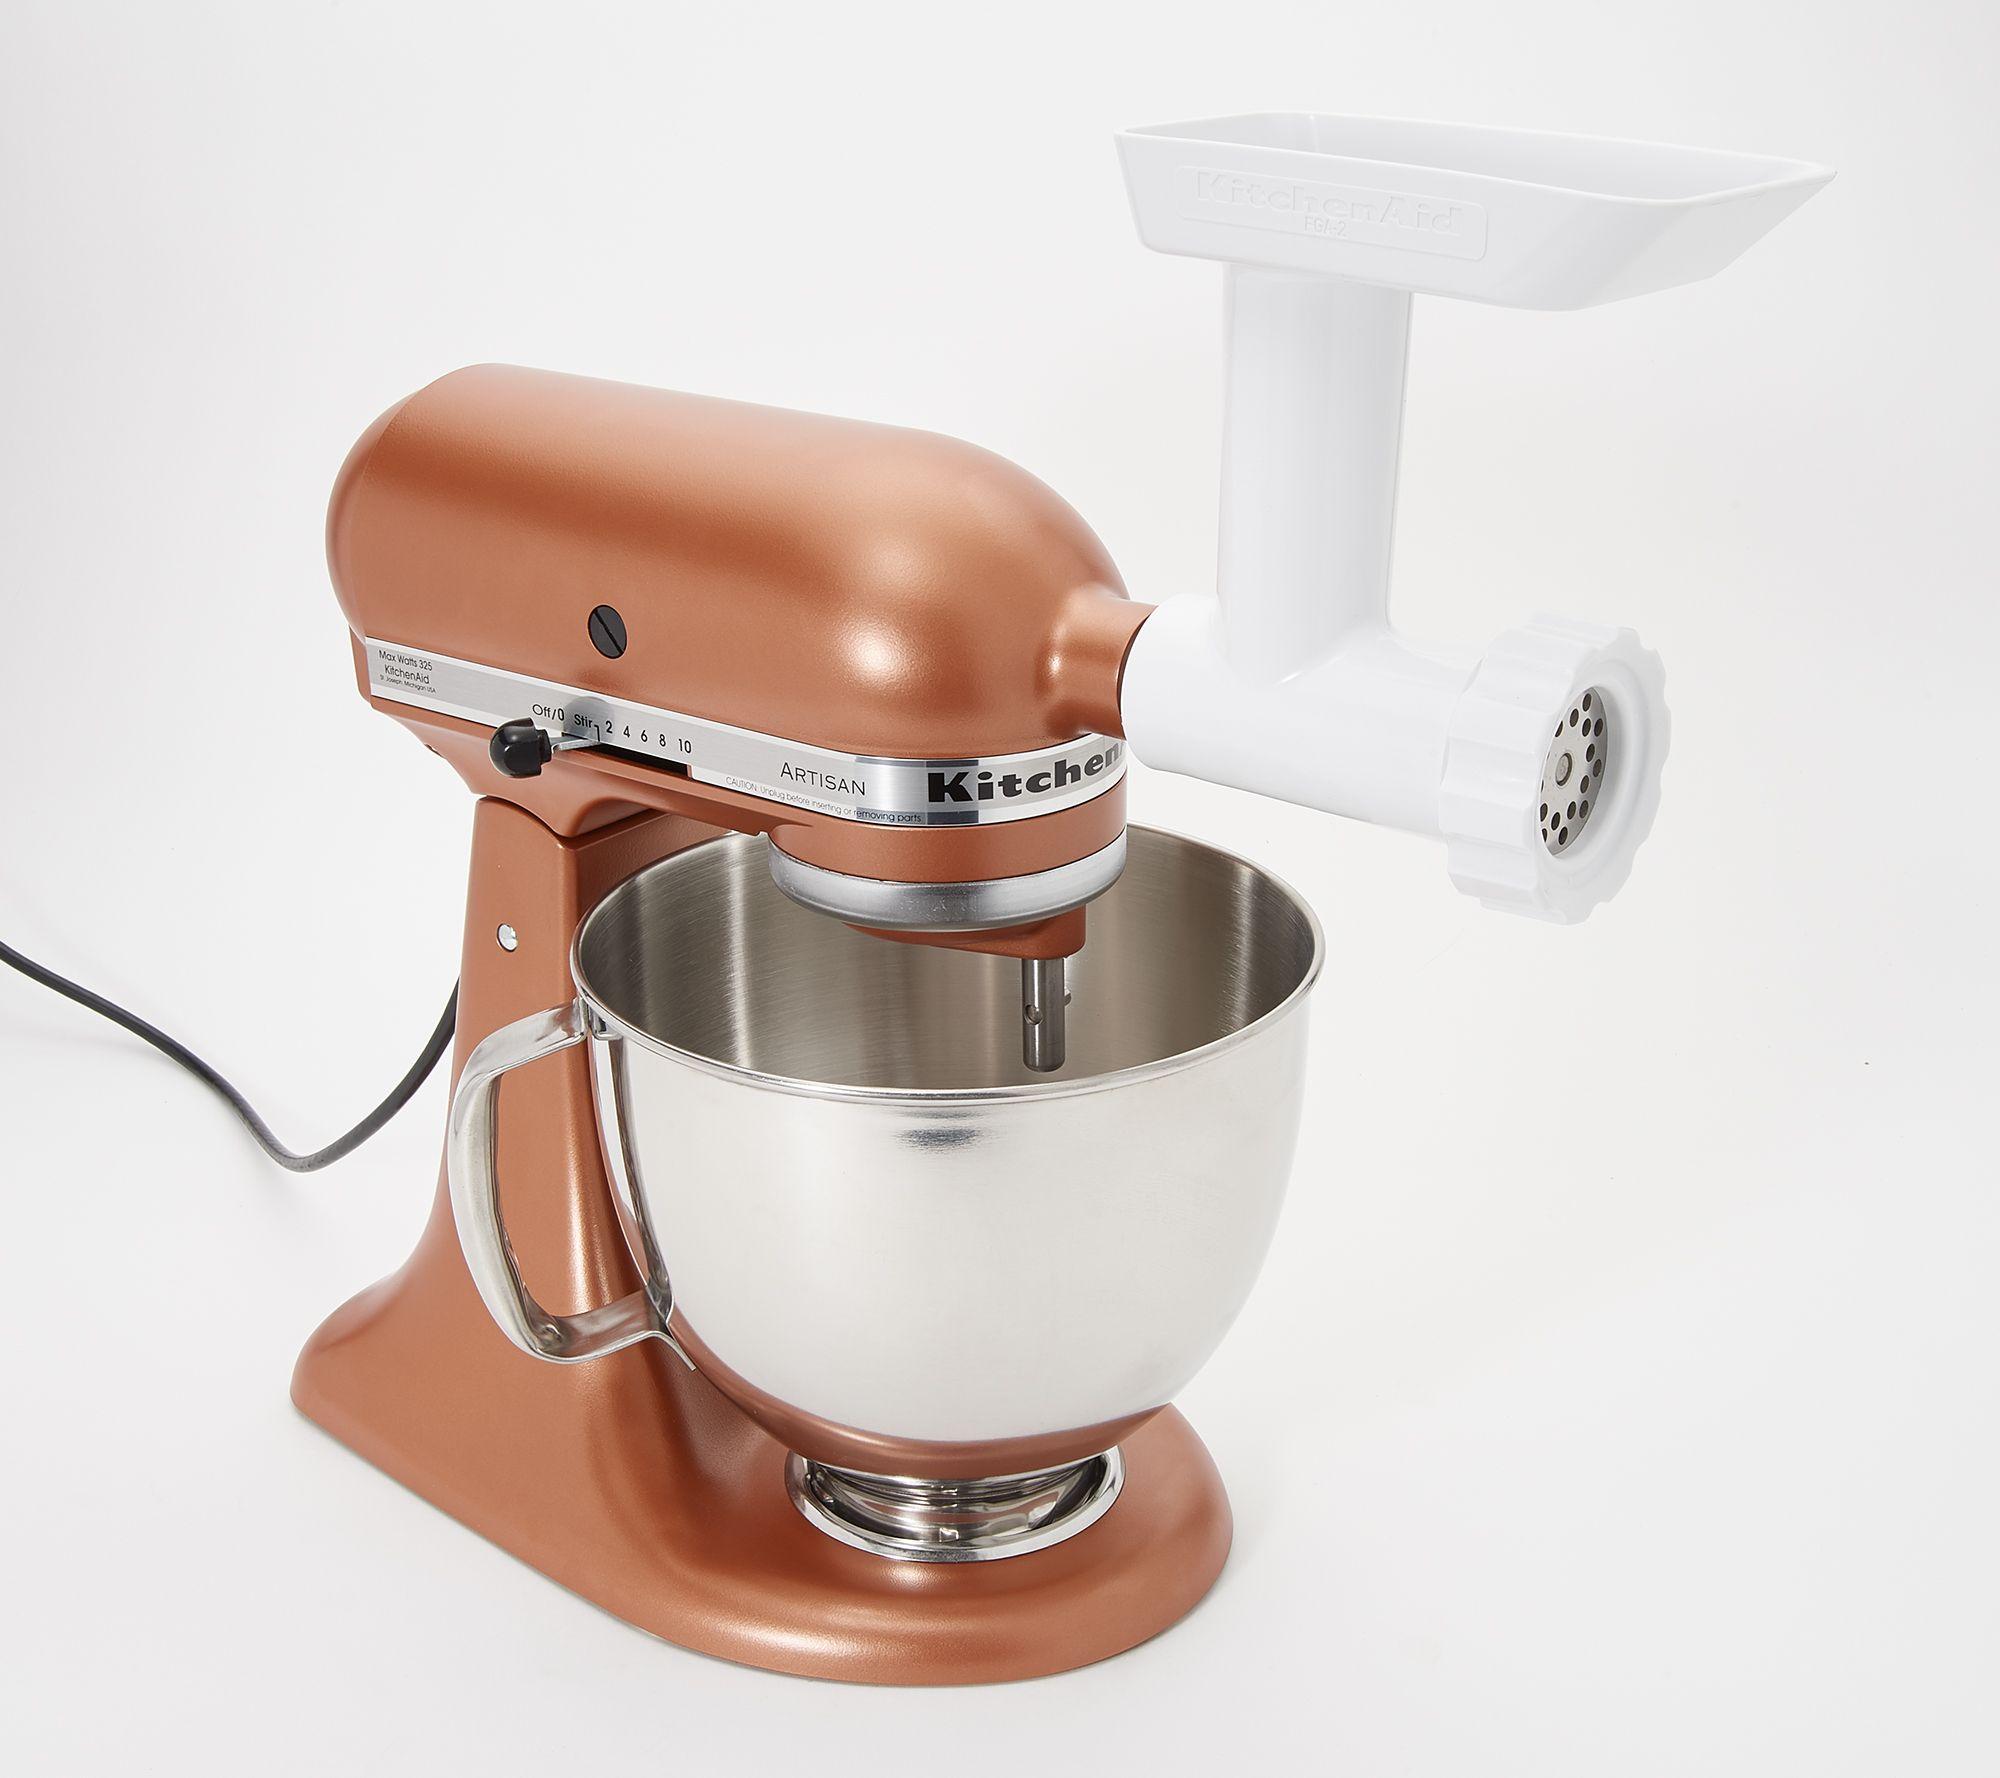 Kitchenaid 5 Qt 325w Tilt Head Stand Mixer W Food Grinder Page 1